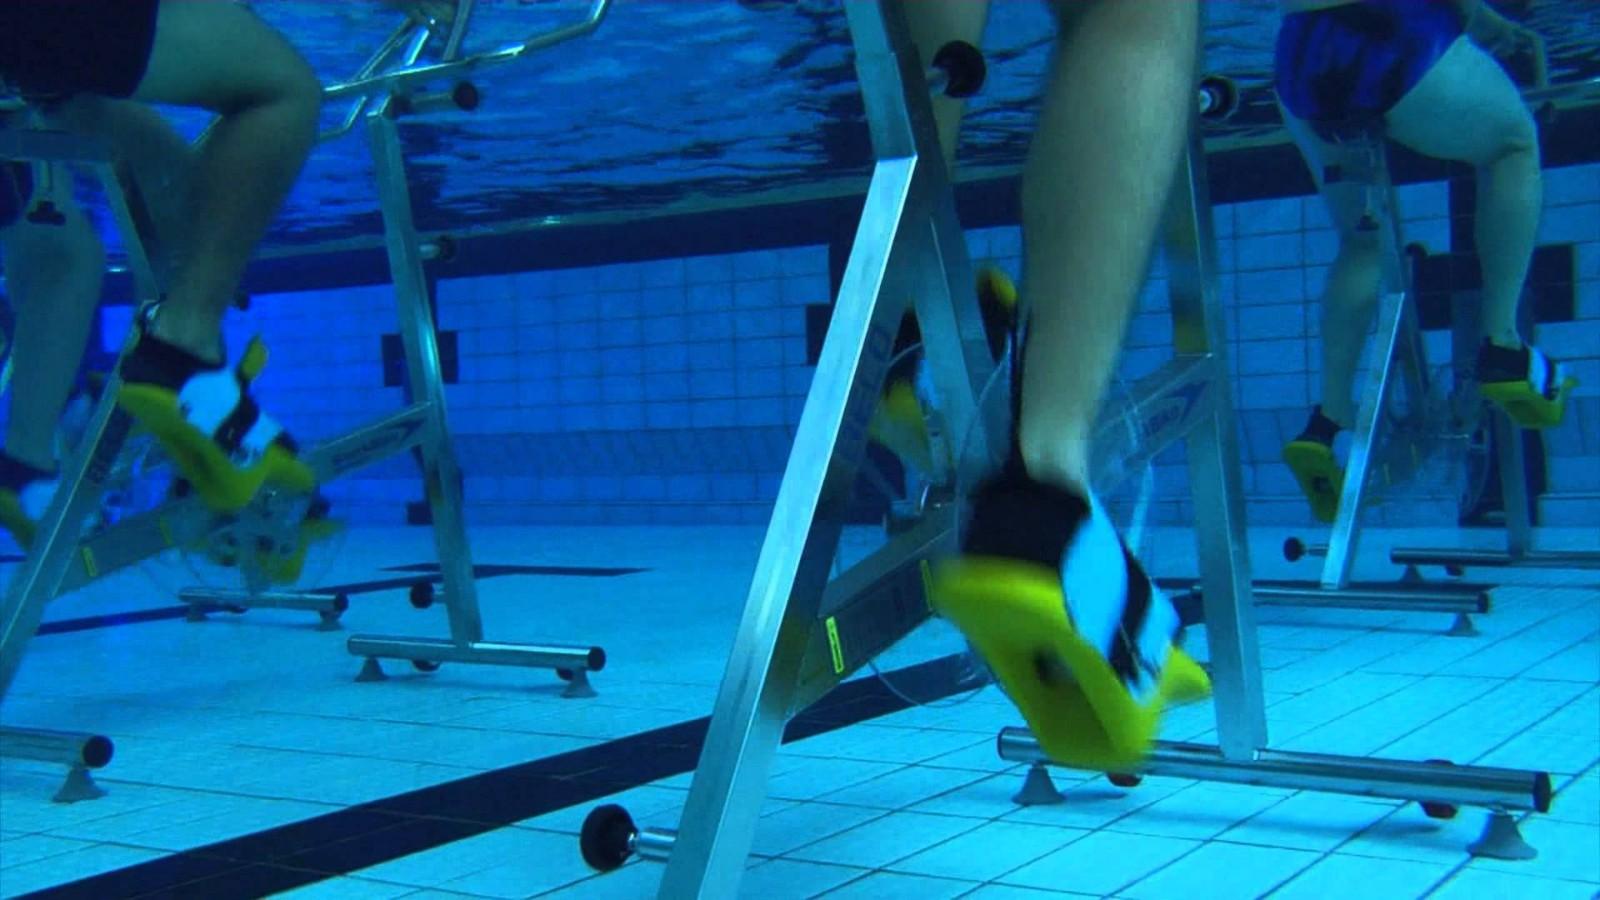 【高清图】如此性感!看美女集体训练水下动感单车 第7